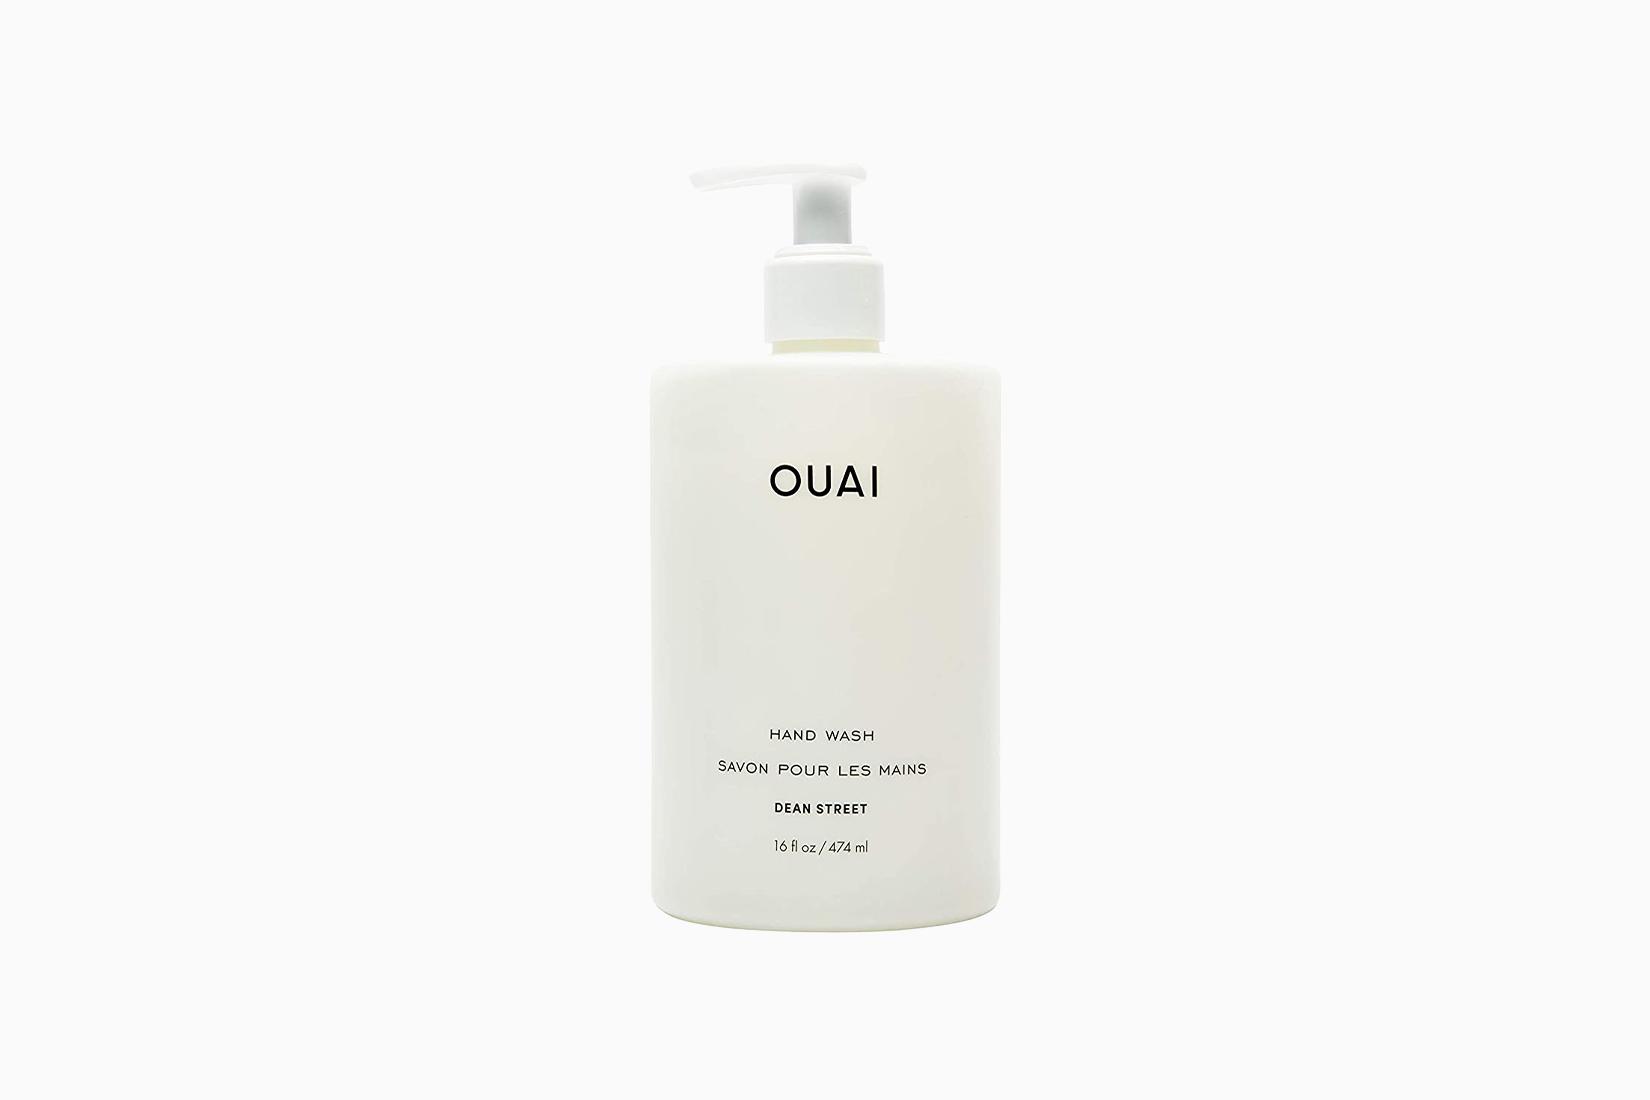 best hand soap oaui review - Luxe Digital